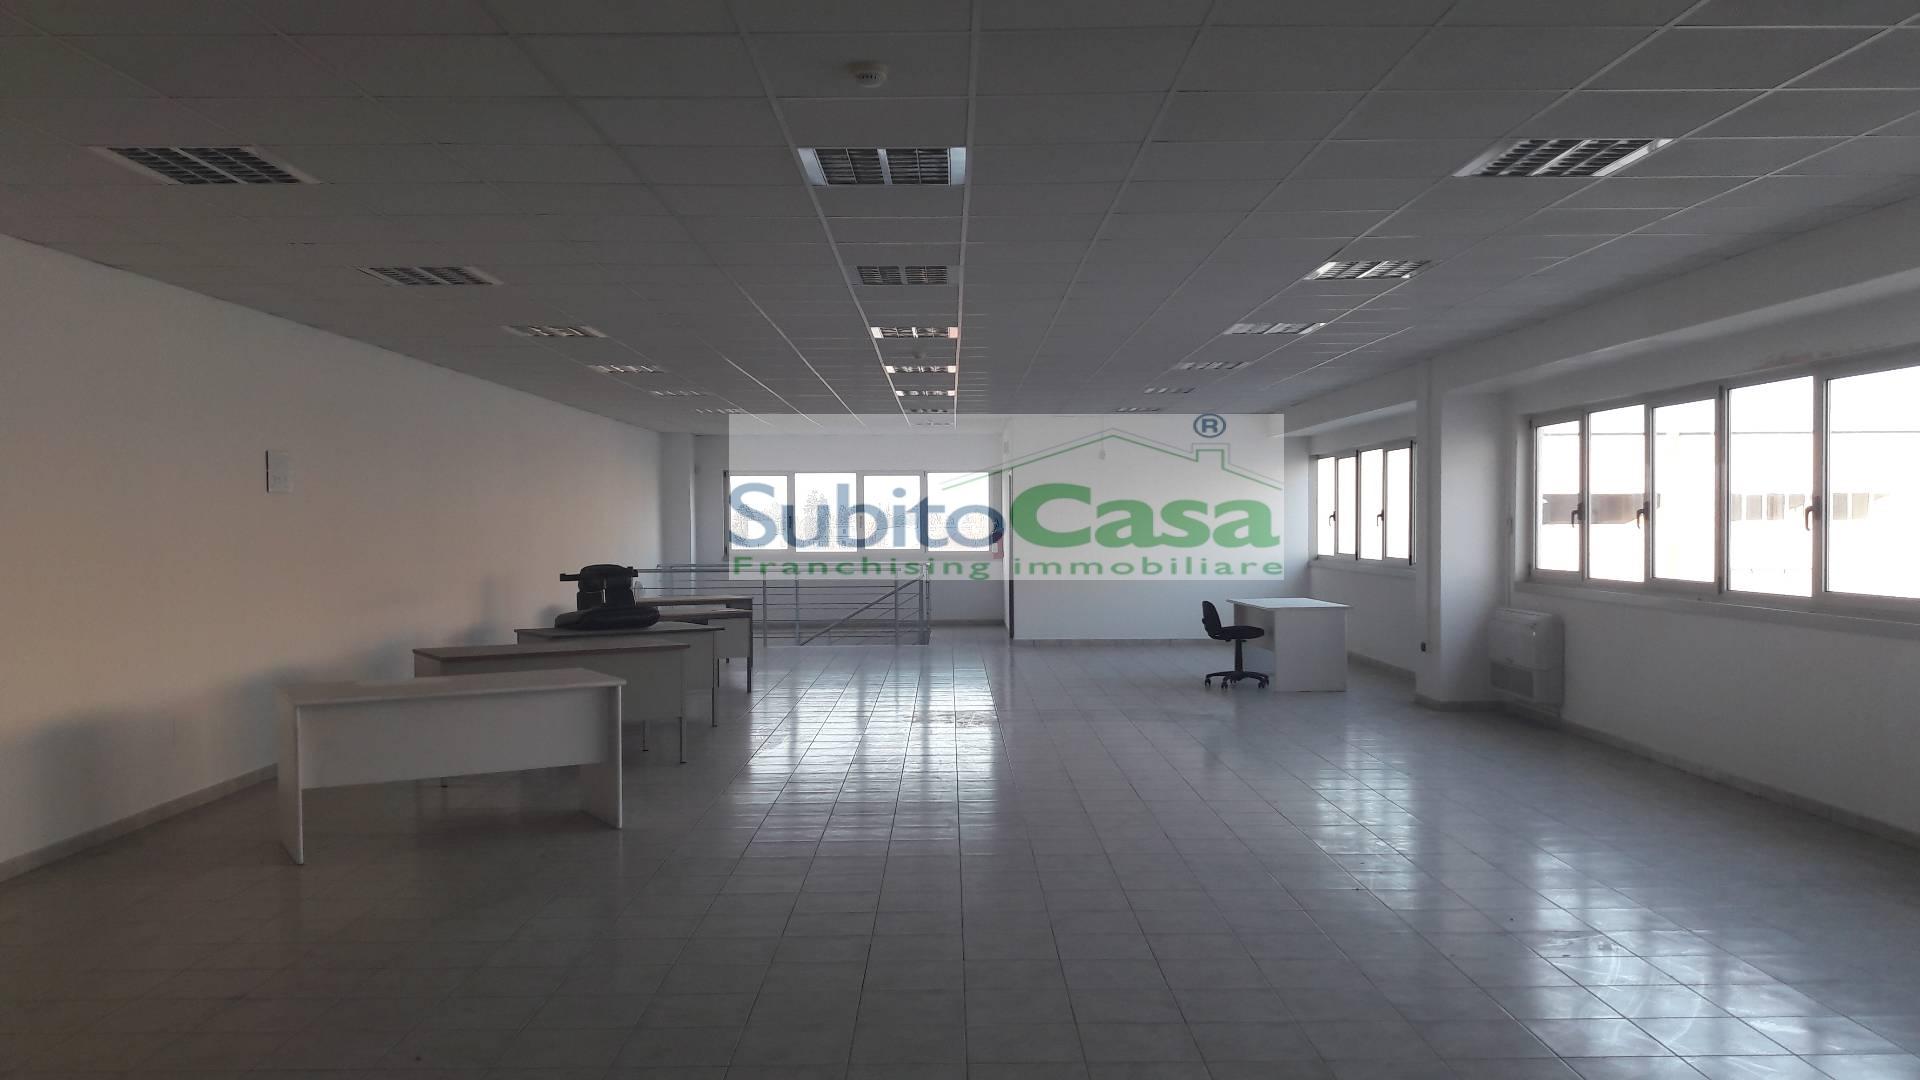 Ufficio / Studio in affitto a Chieti, 1 locali, zona Località: ChietiScaloZonaResidenziale, prezzo € 850 | CambioCasa.it